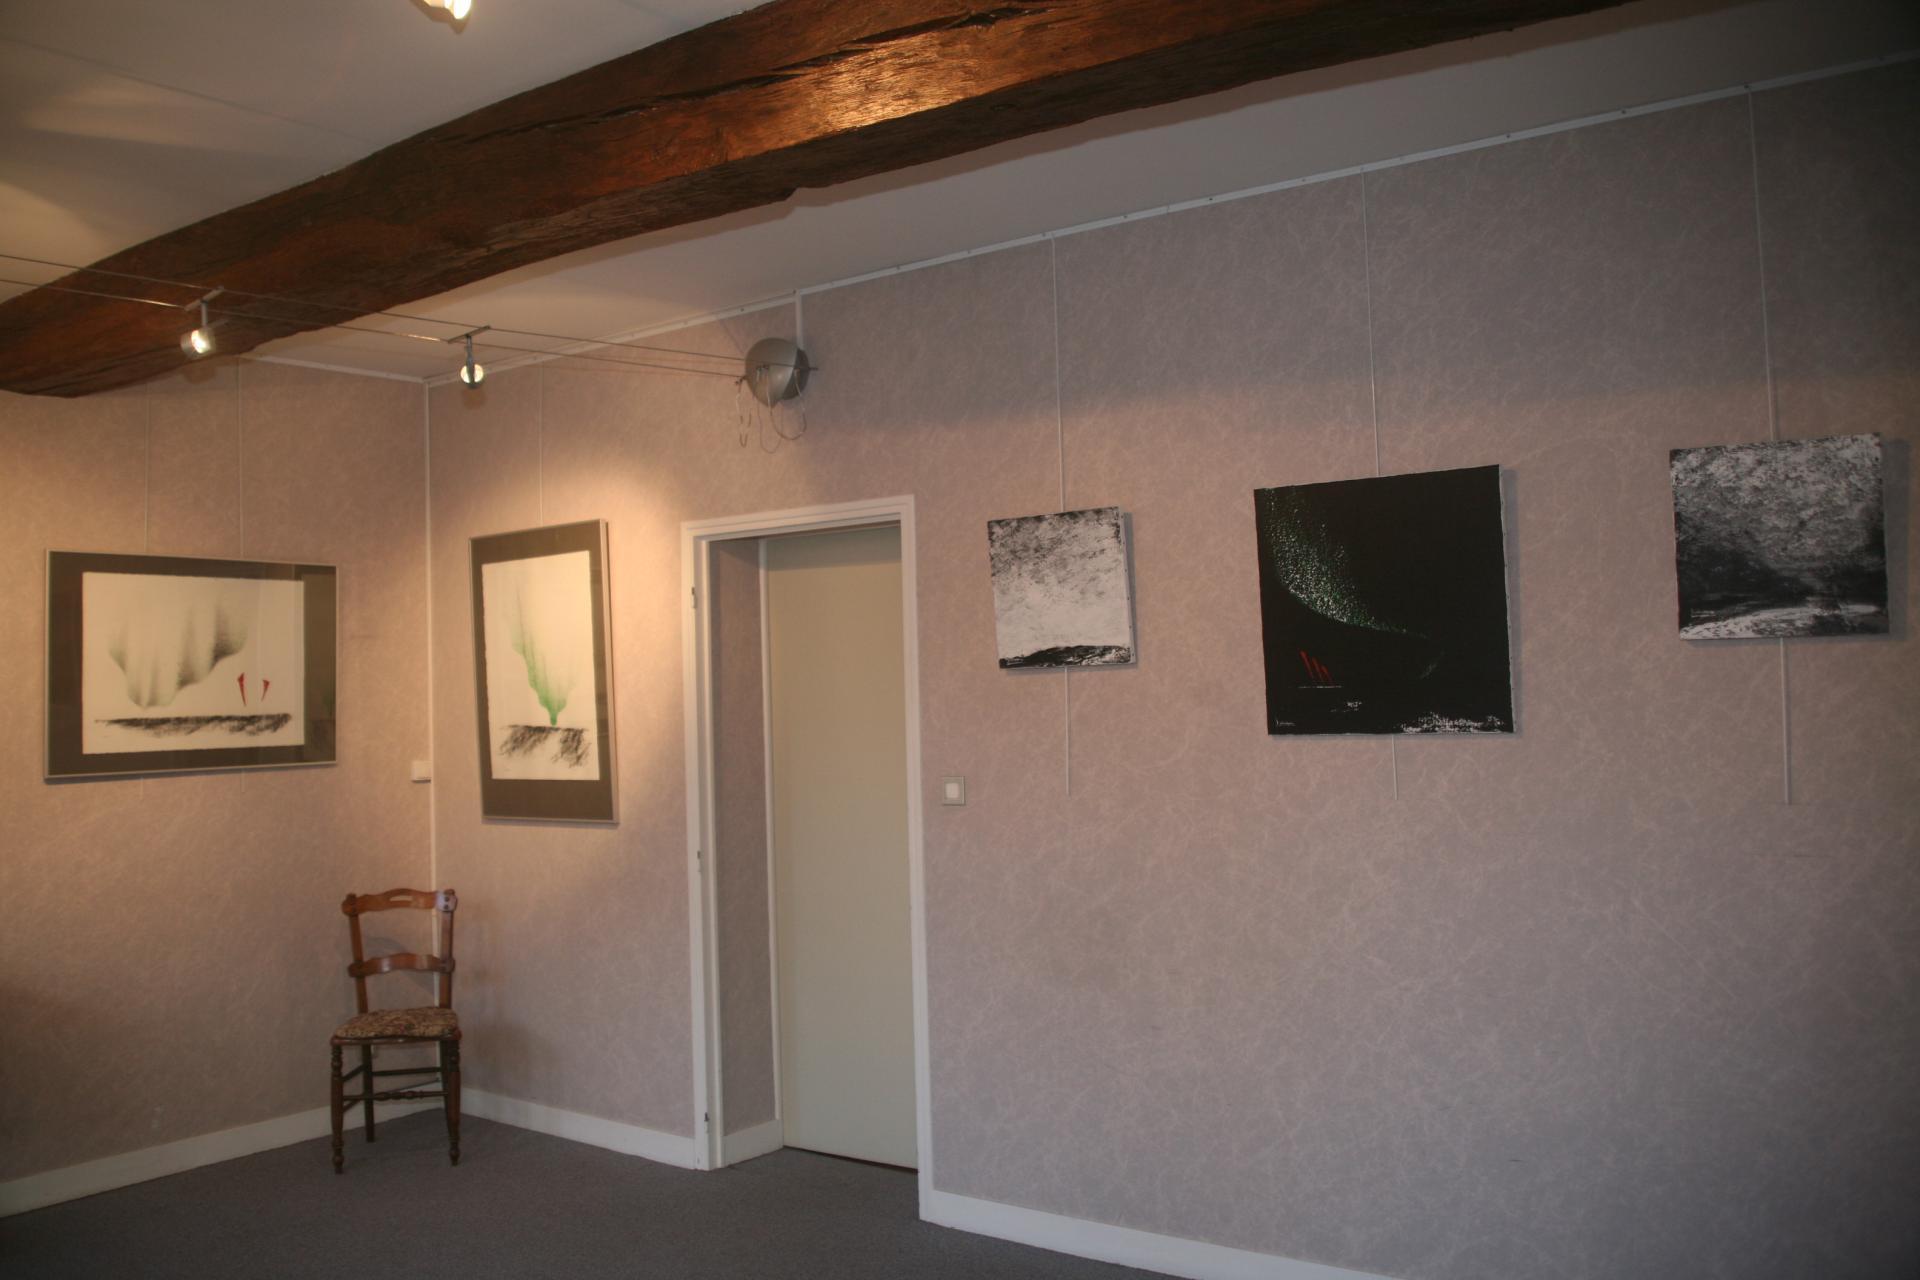 Les tableaux et oeuvres d art de l artiste peintre verenav von lichtenberg a auxerre a la galerie d art expression de claude larrive